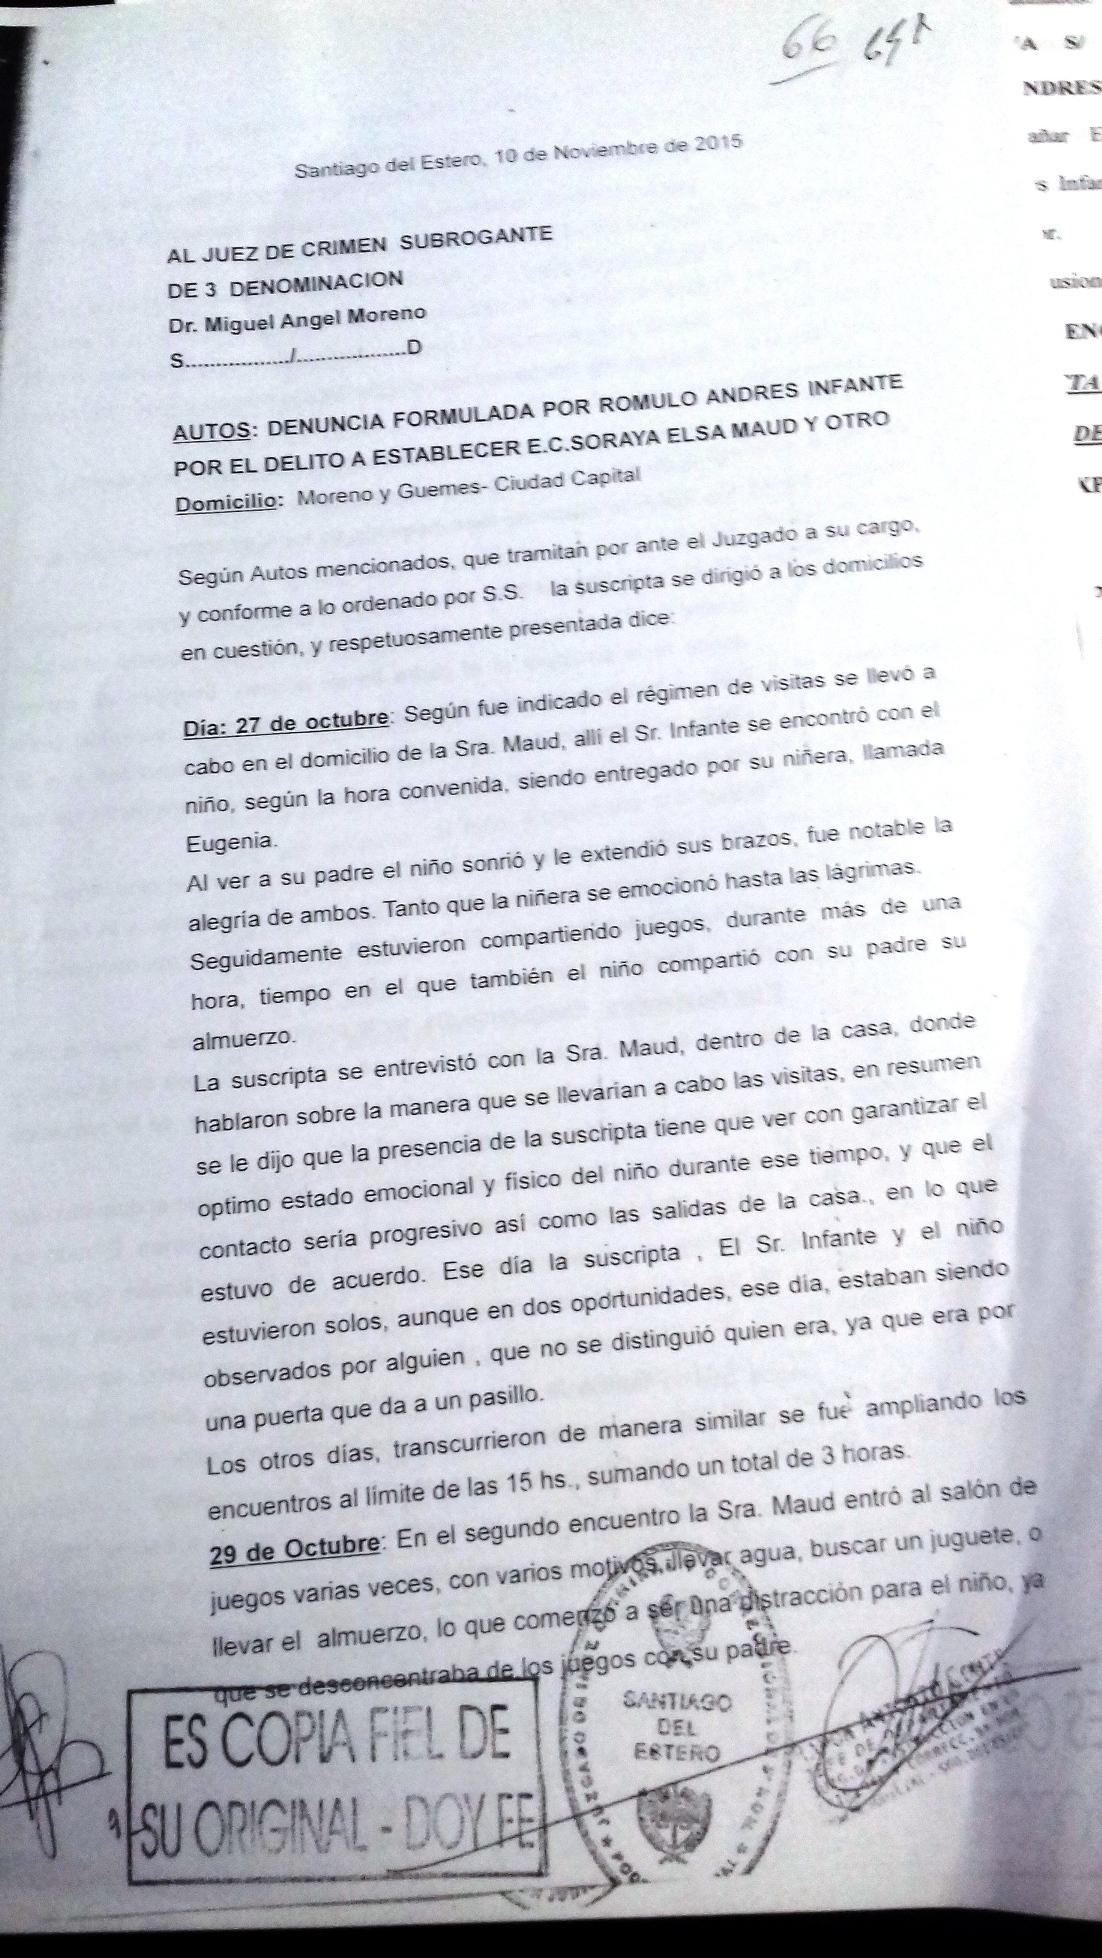 documentos-infante-maud-28